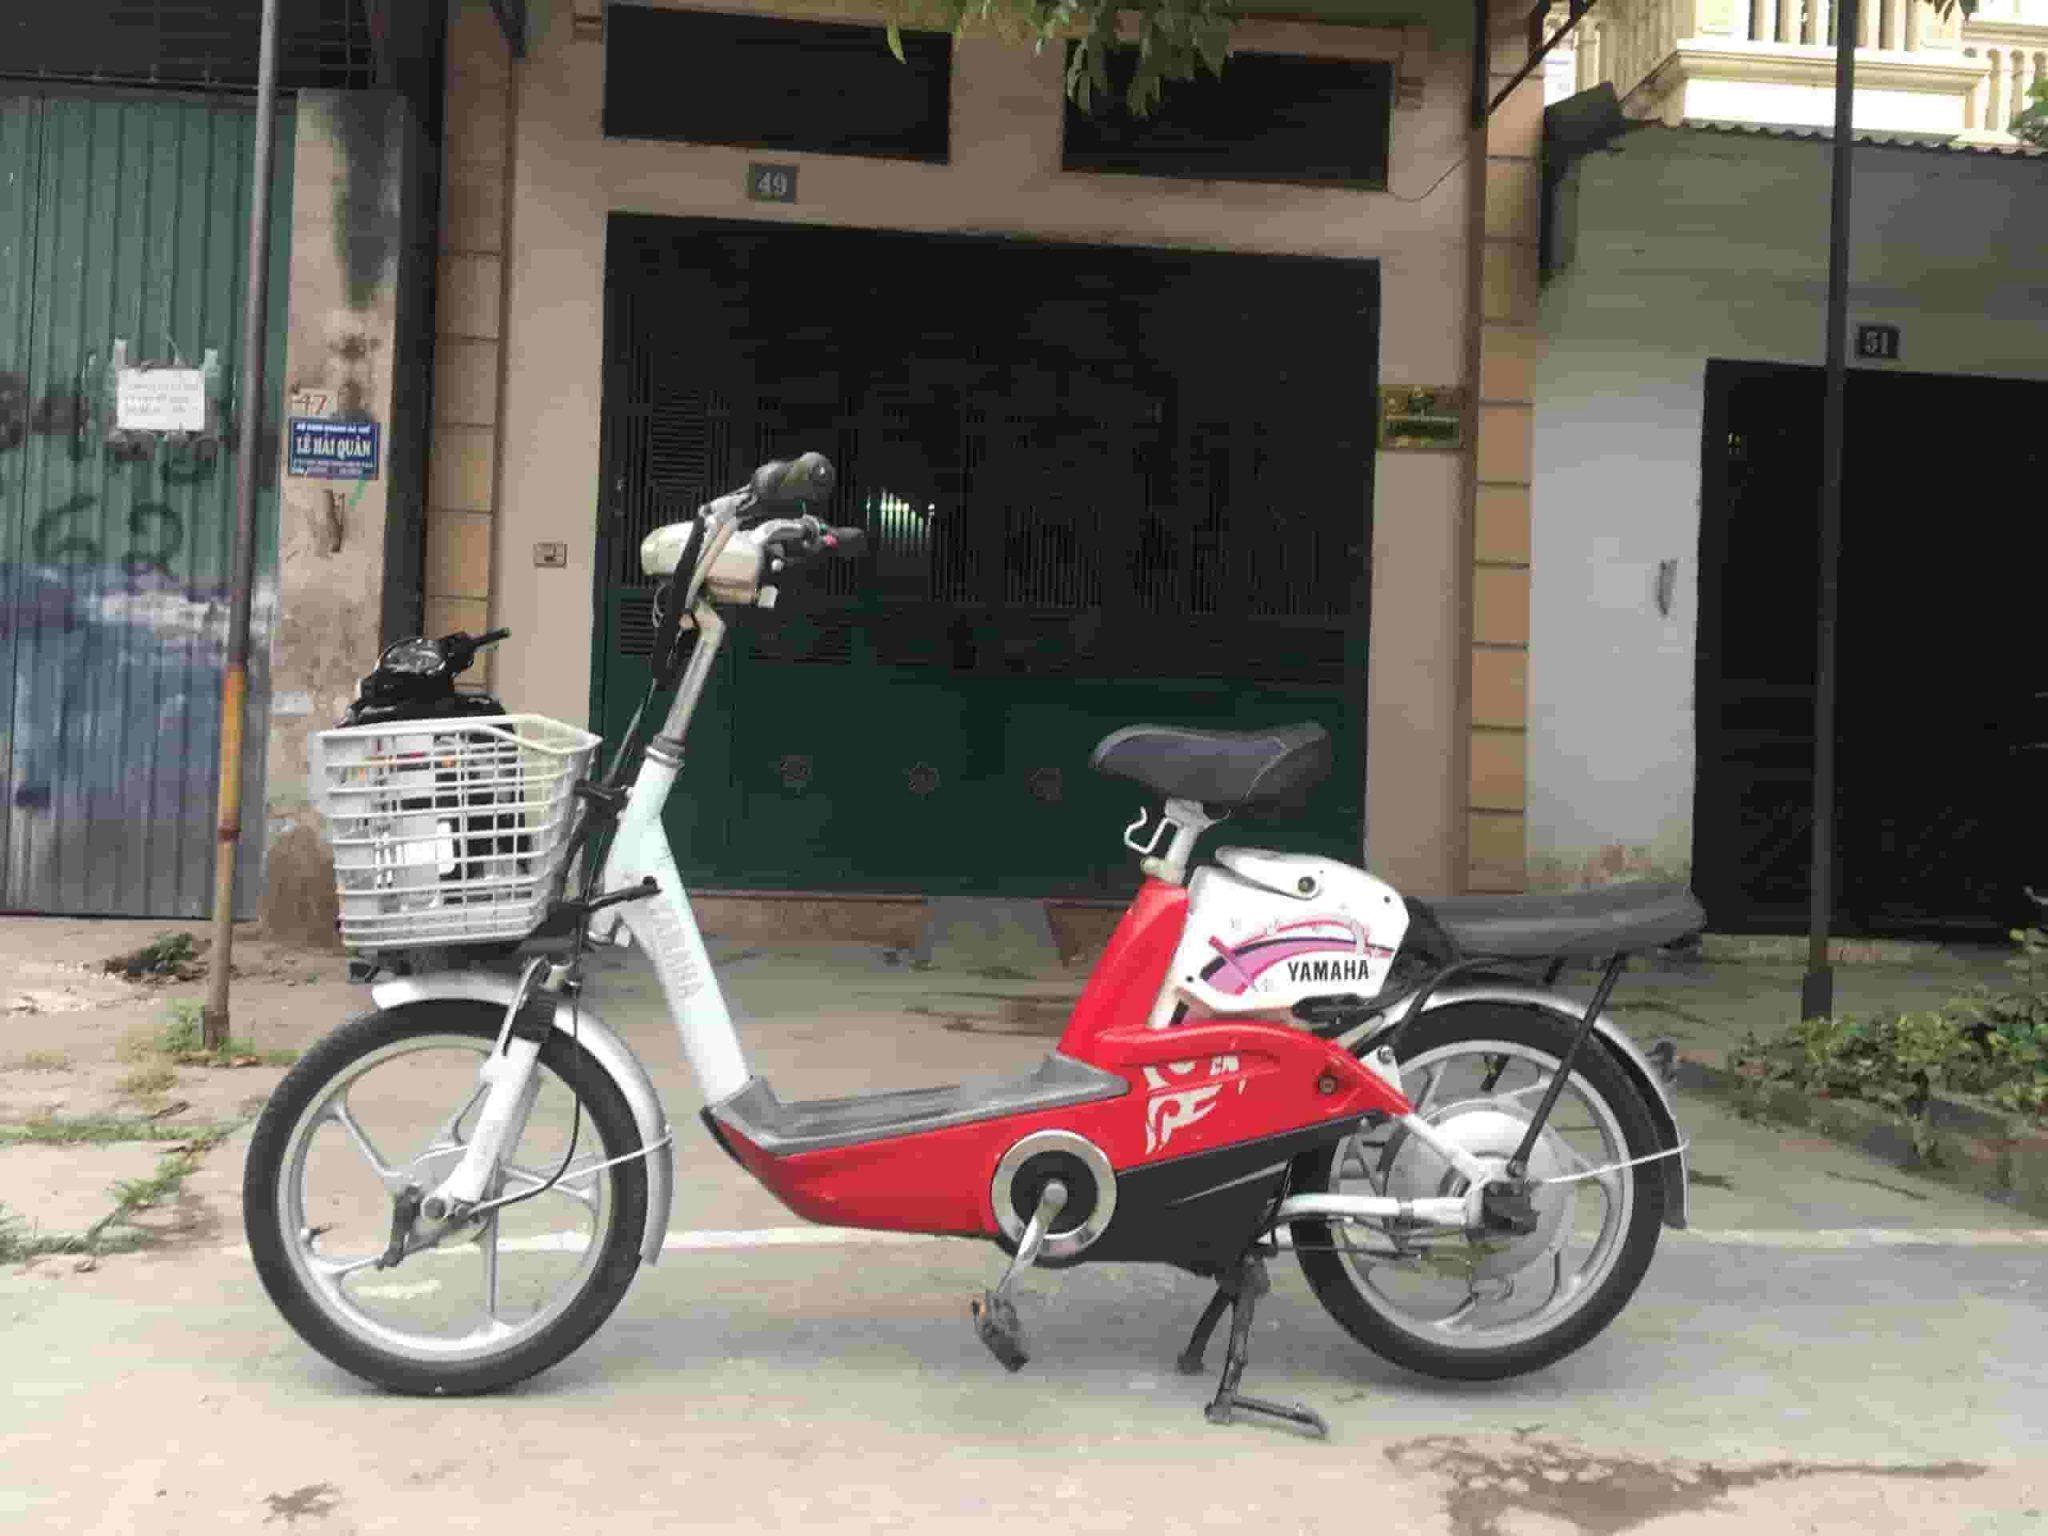 xe đạp điện cũ tại Huyện Phú Vang - Thừa Thiên Huế